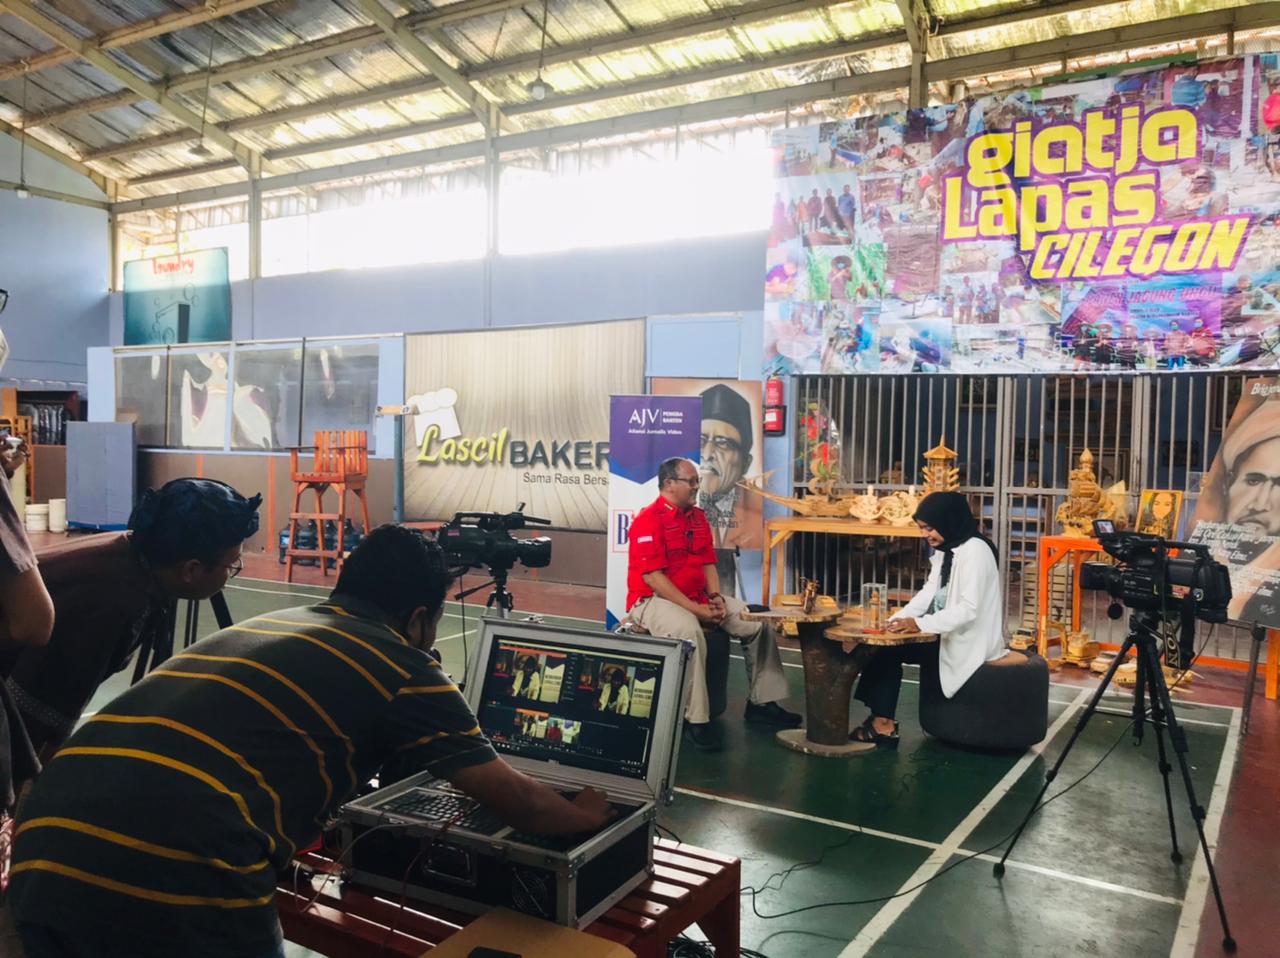 Gambar Terkait Kunjungan AJV Banten ke Lapas Cilegon, Ketua AJV: Kegiatan Positif WBP Akan di Informasikan Kepada Masyarakat Melalui Informasi yang Diperoleh 13